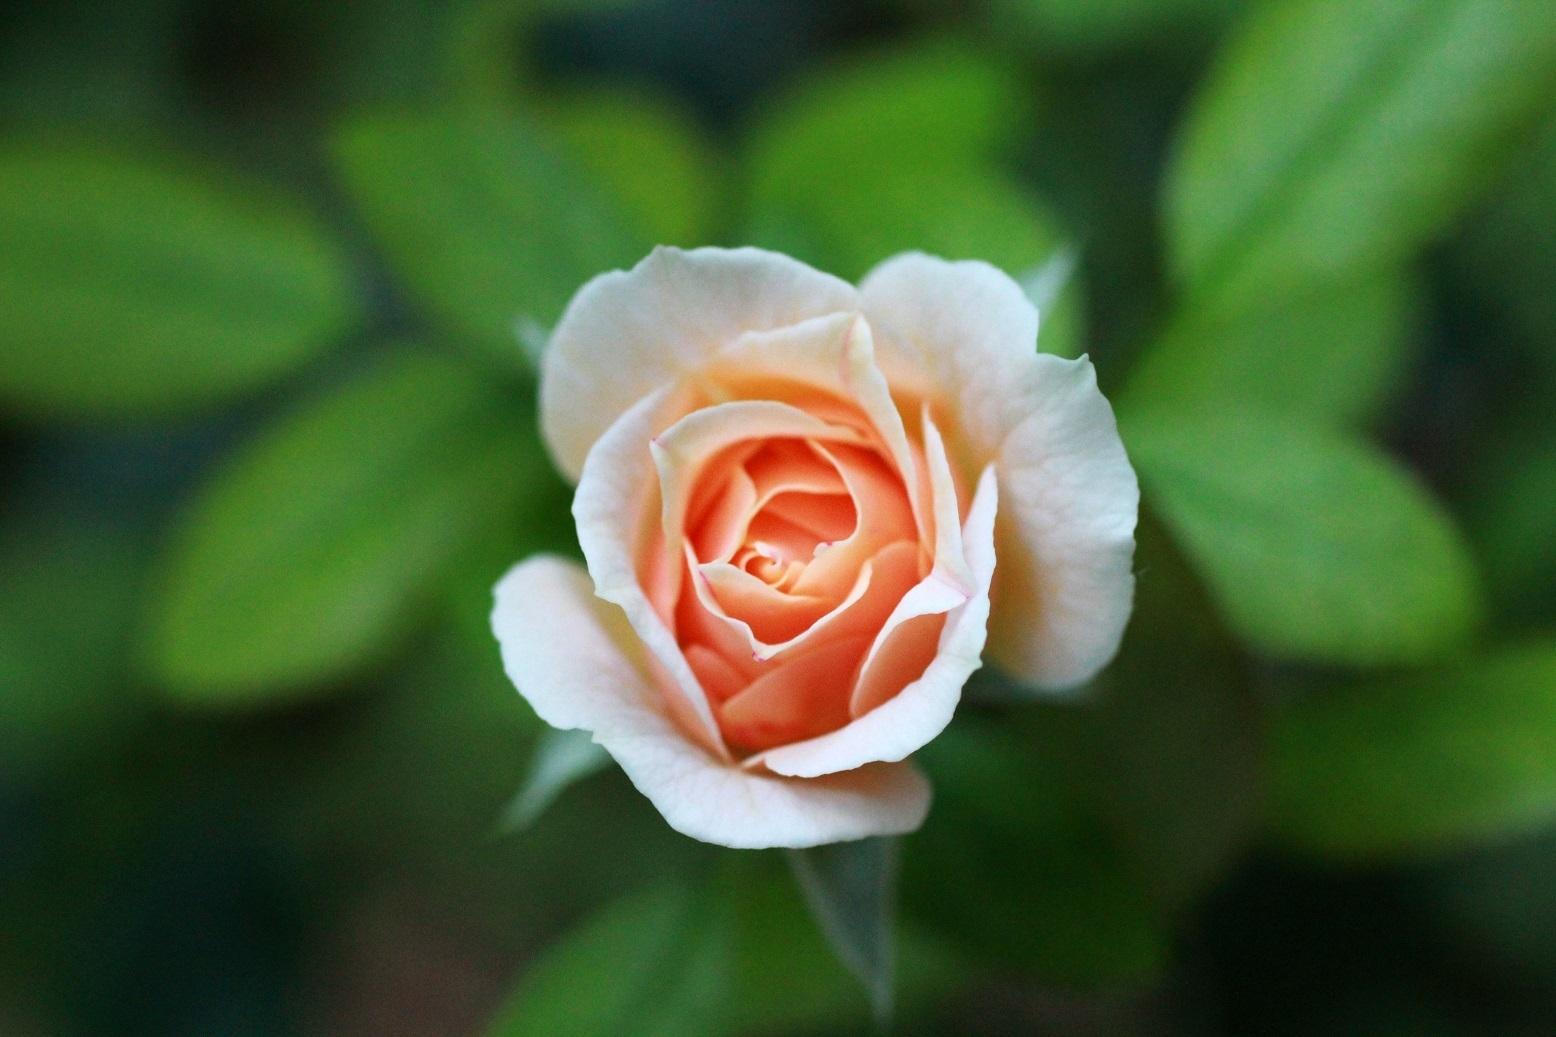 ガーデンオブローゼス ~冬至前日の薔薇~_a0107574_17074739.jpg